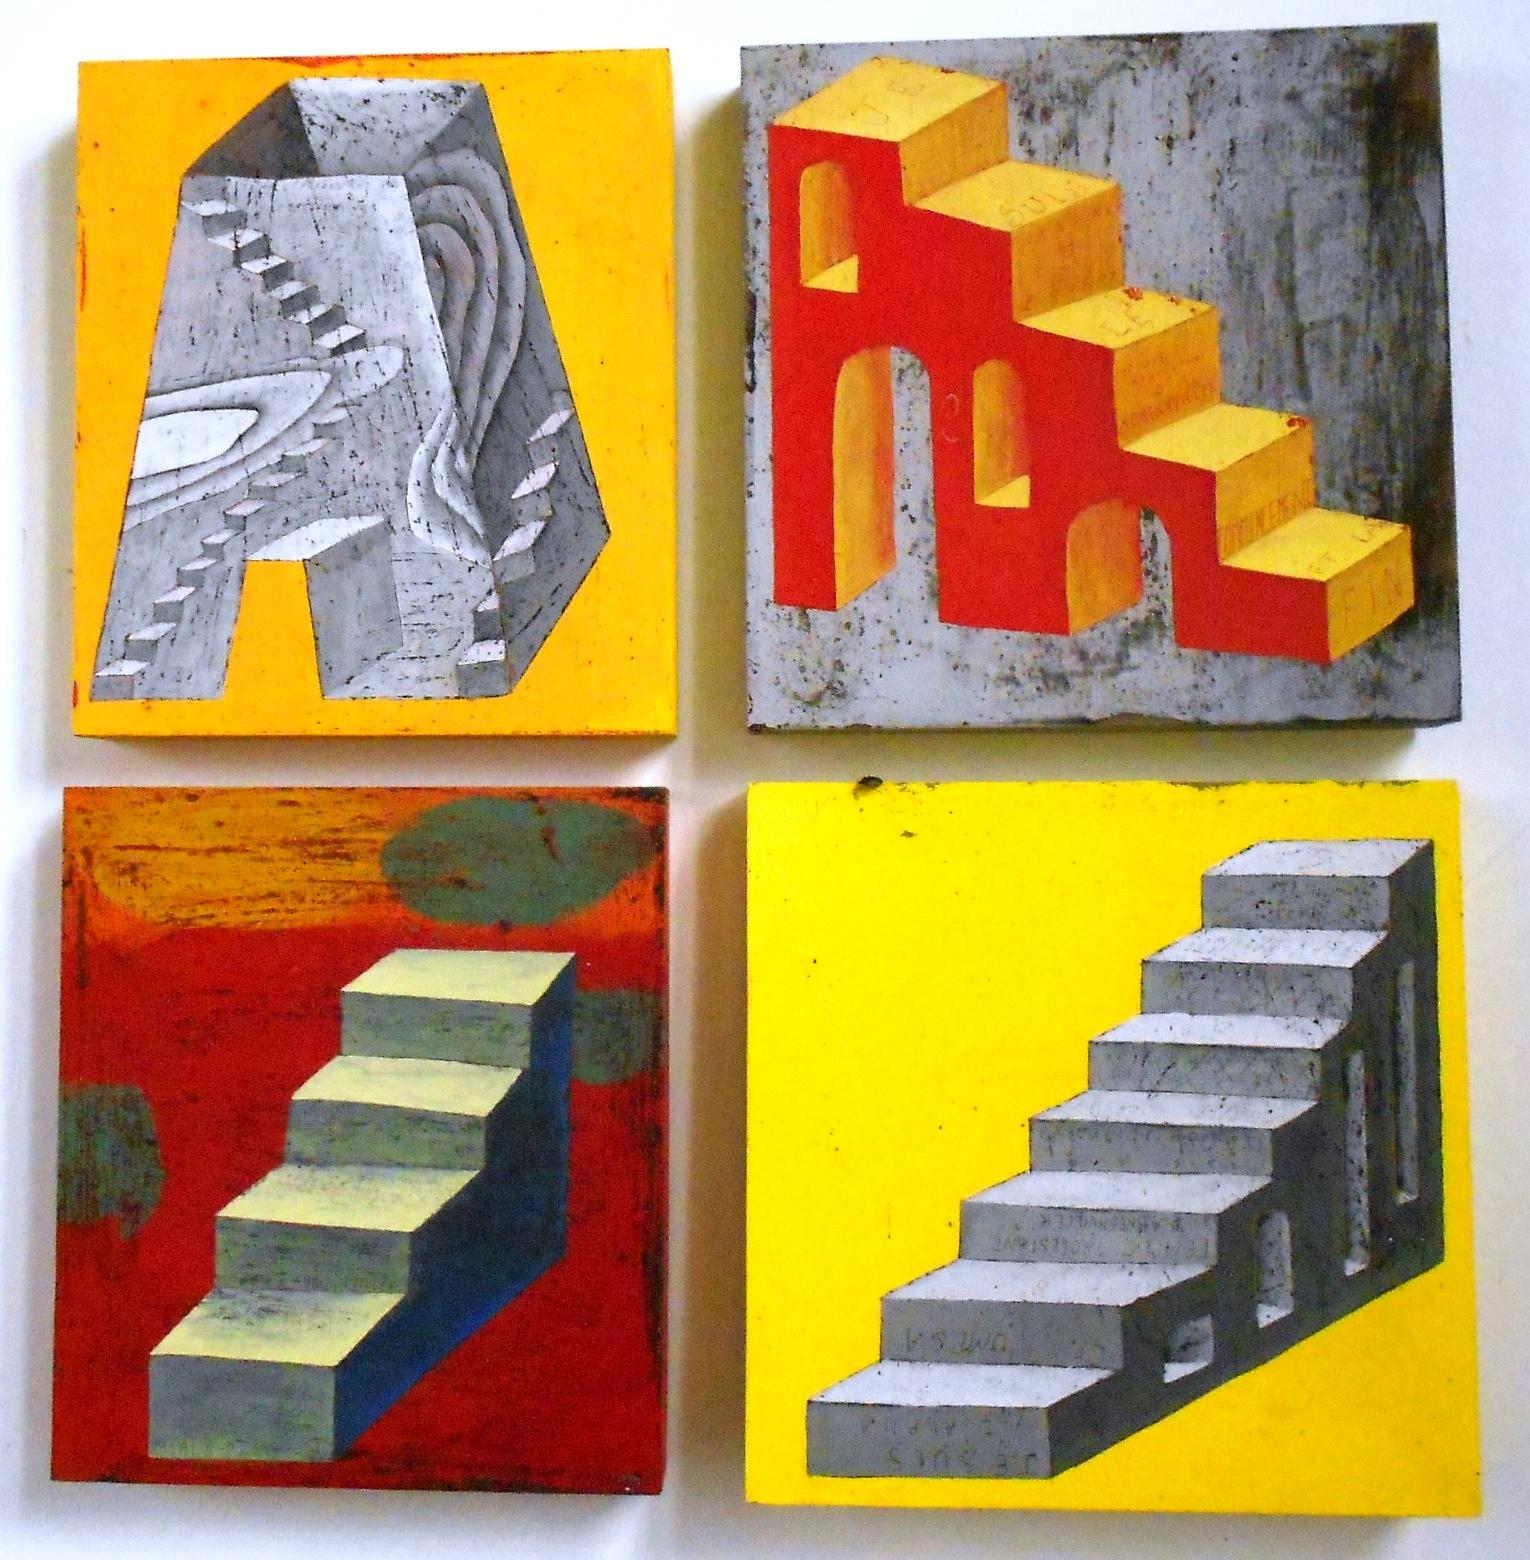 Les escaliers 1